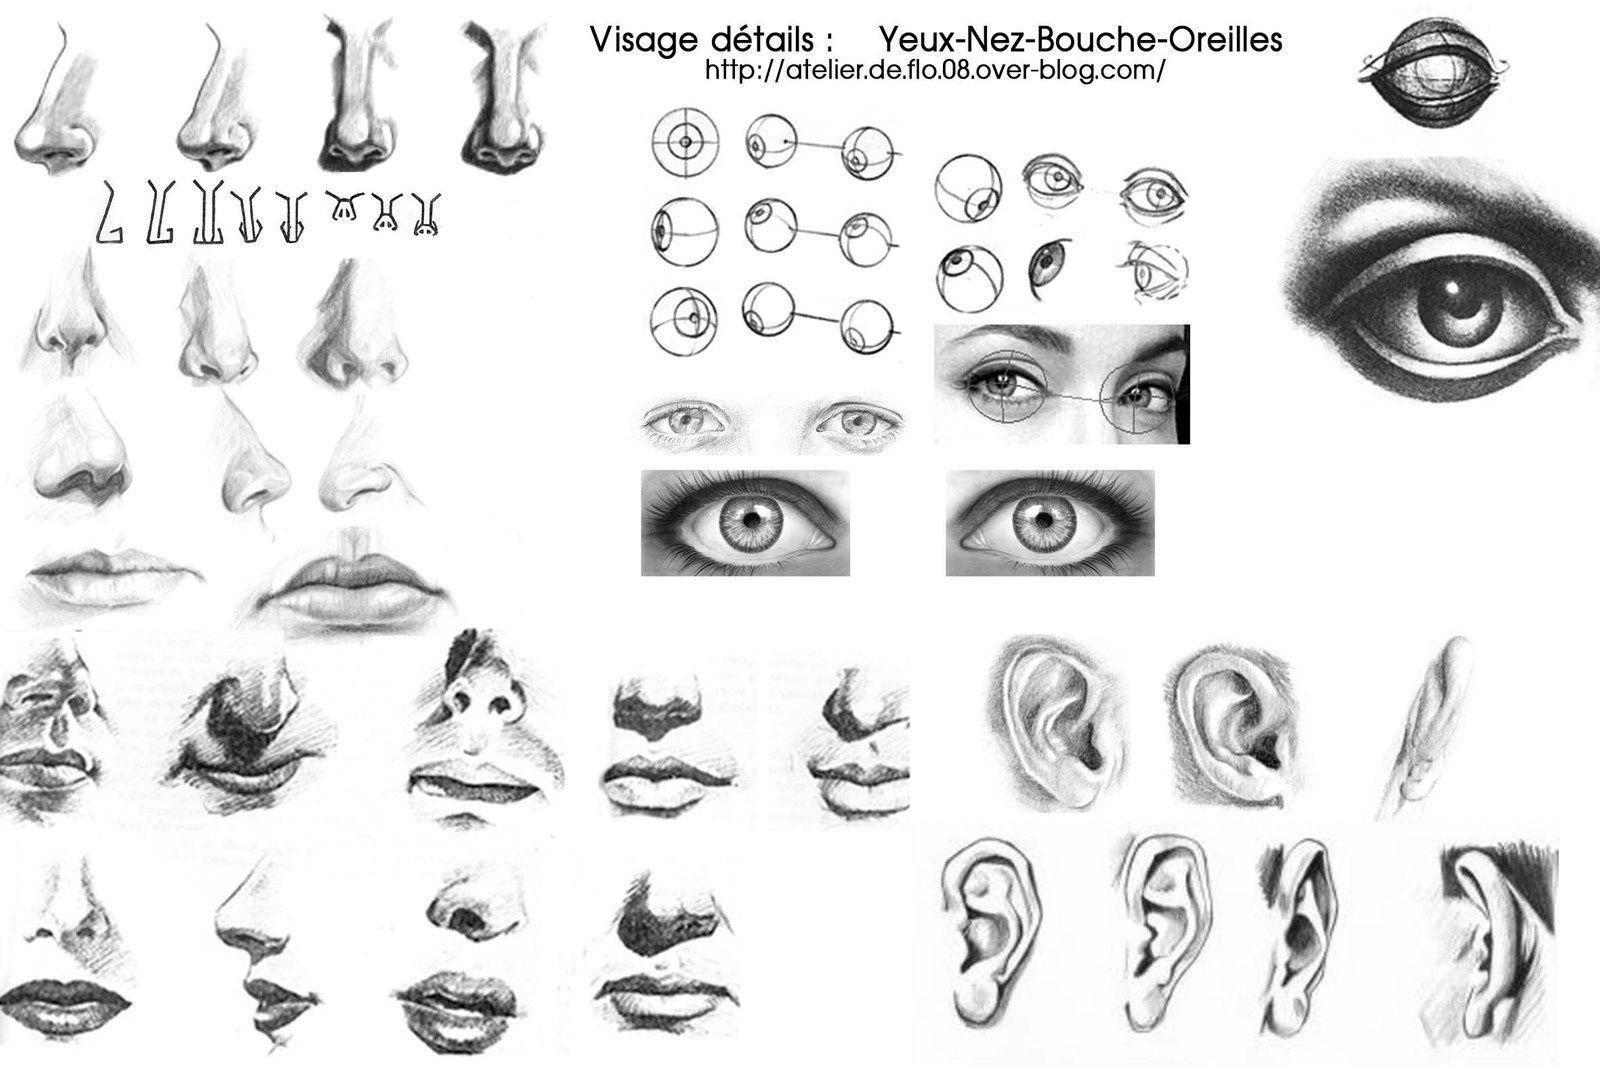 dessiner les d tails du visage les yeux le nez nez pinterest dessiner visages et anatomie. Black Bedroom Furniture Sets. Home Design Ideas